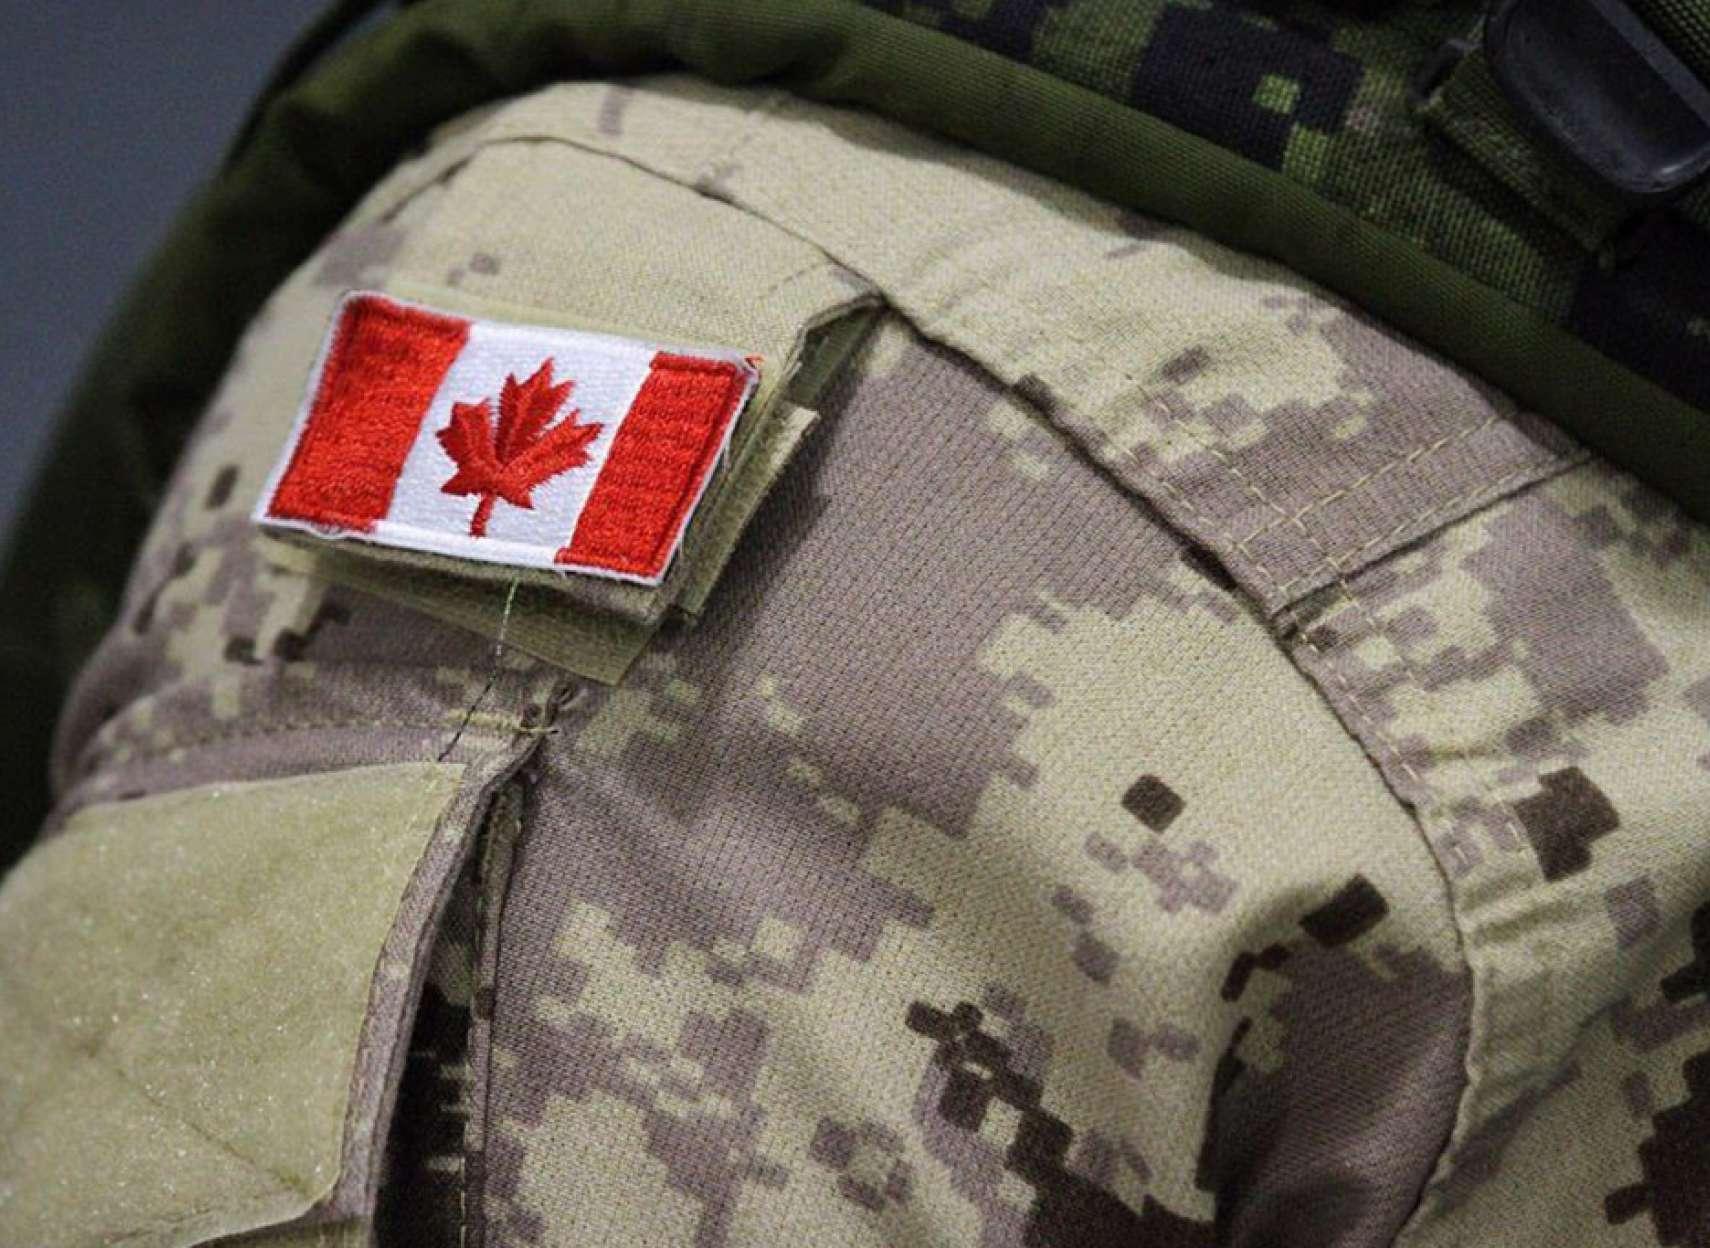 ارتش-مجاز-به-جاسوسی-گردآوری-و-پخش-اطلاعات-کاناداییهاست-کانادا-اخبار